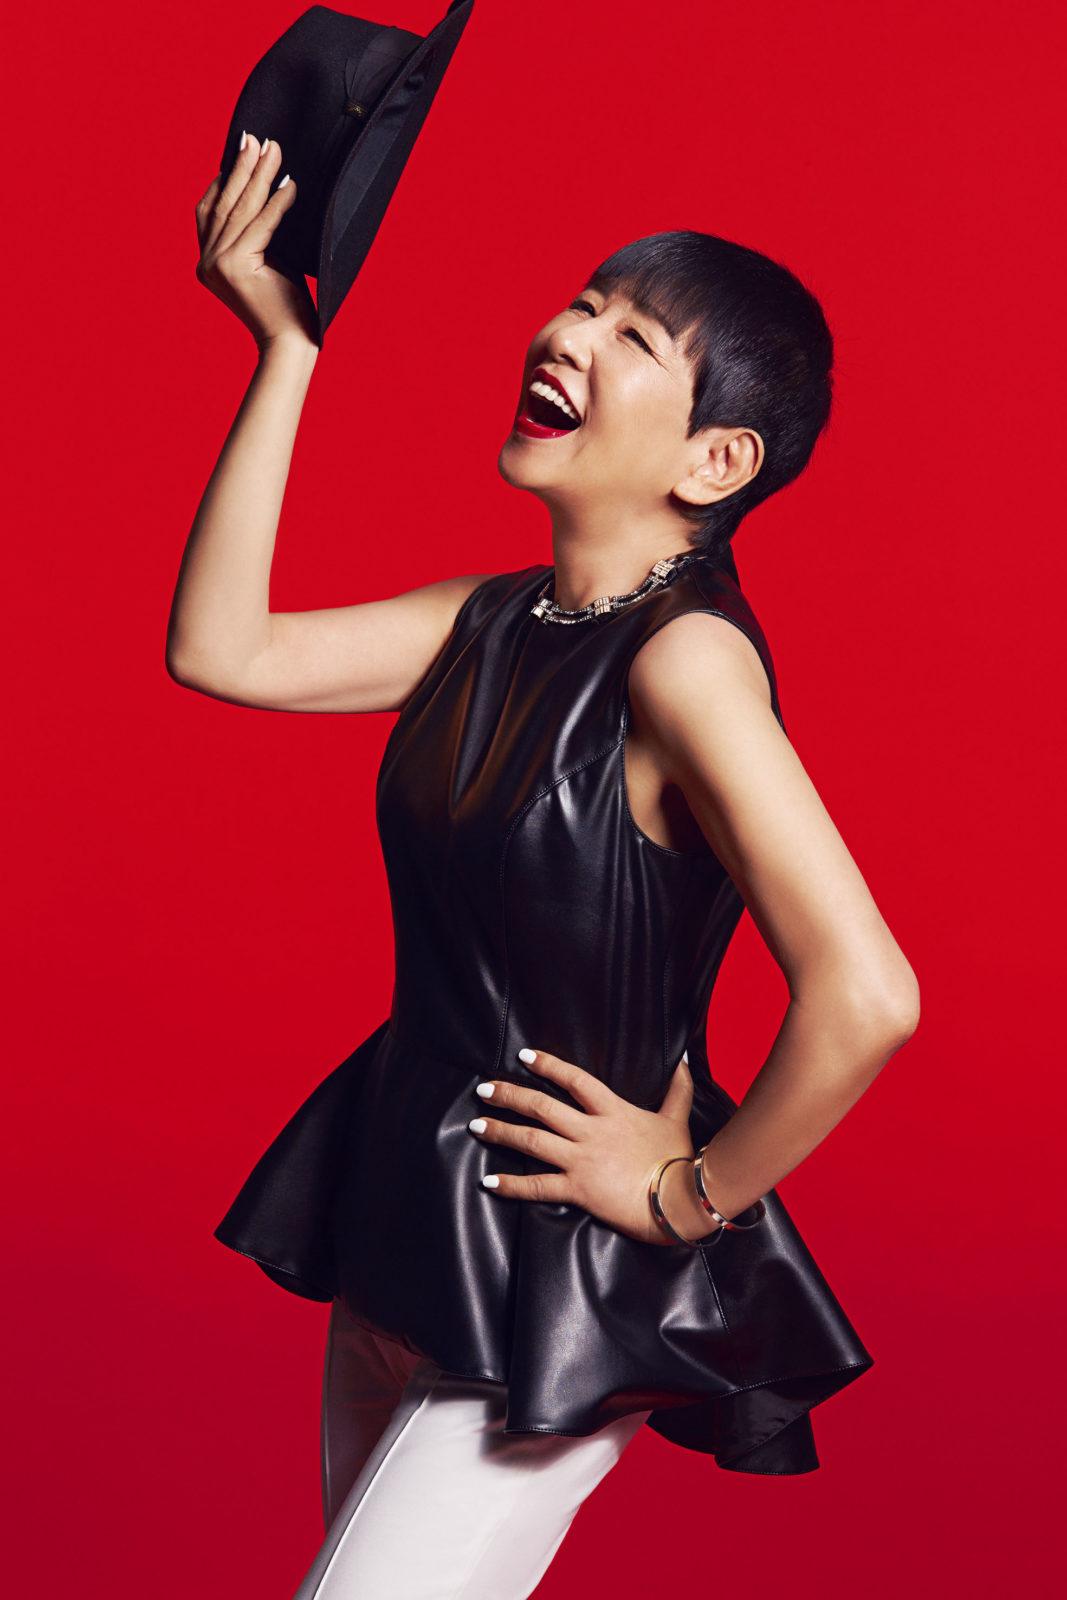 和田アキ子、デビュー50周年記念リリース第2弾 新旧のグラミー受賞曲を歌うカバーアルバム発売決定サムネイル画像